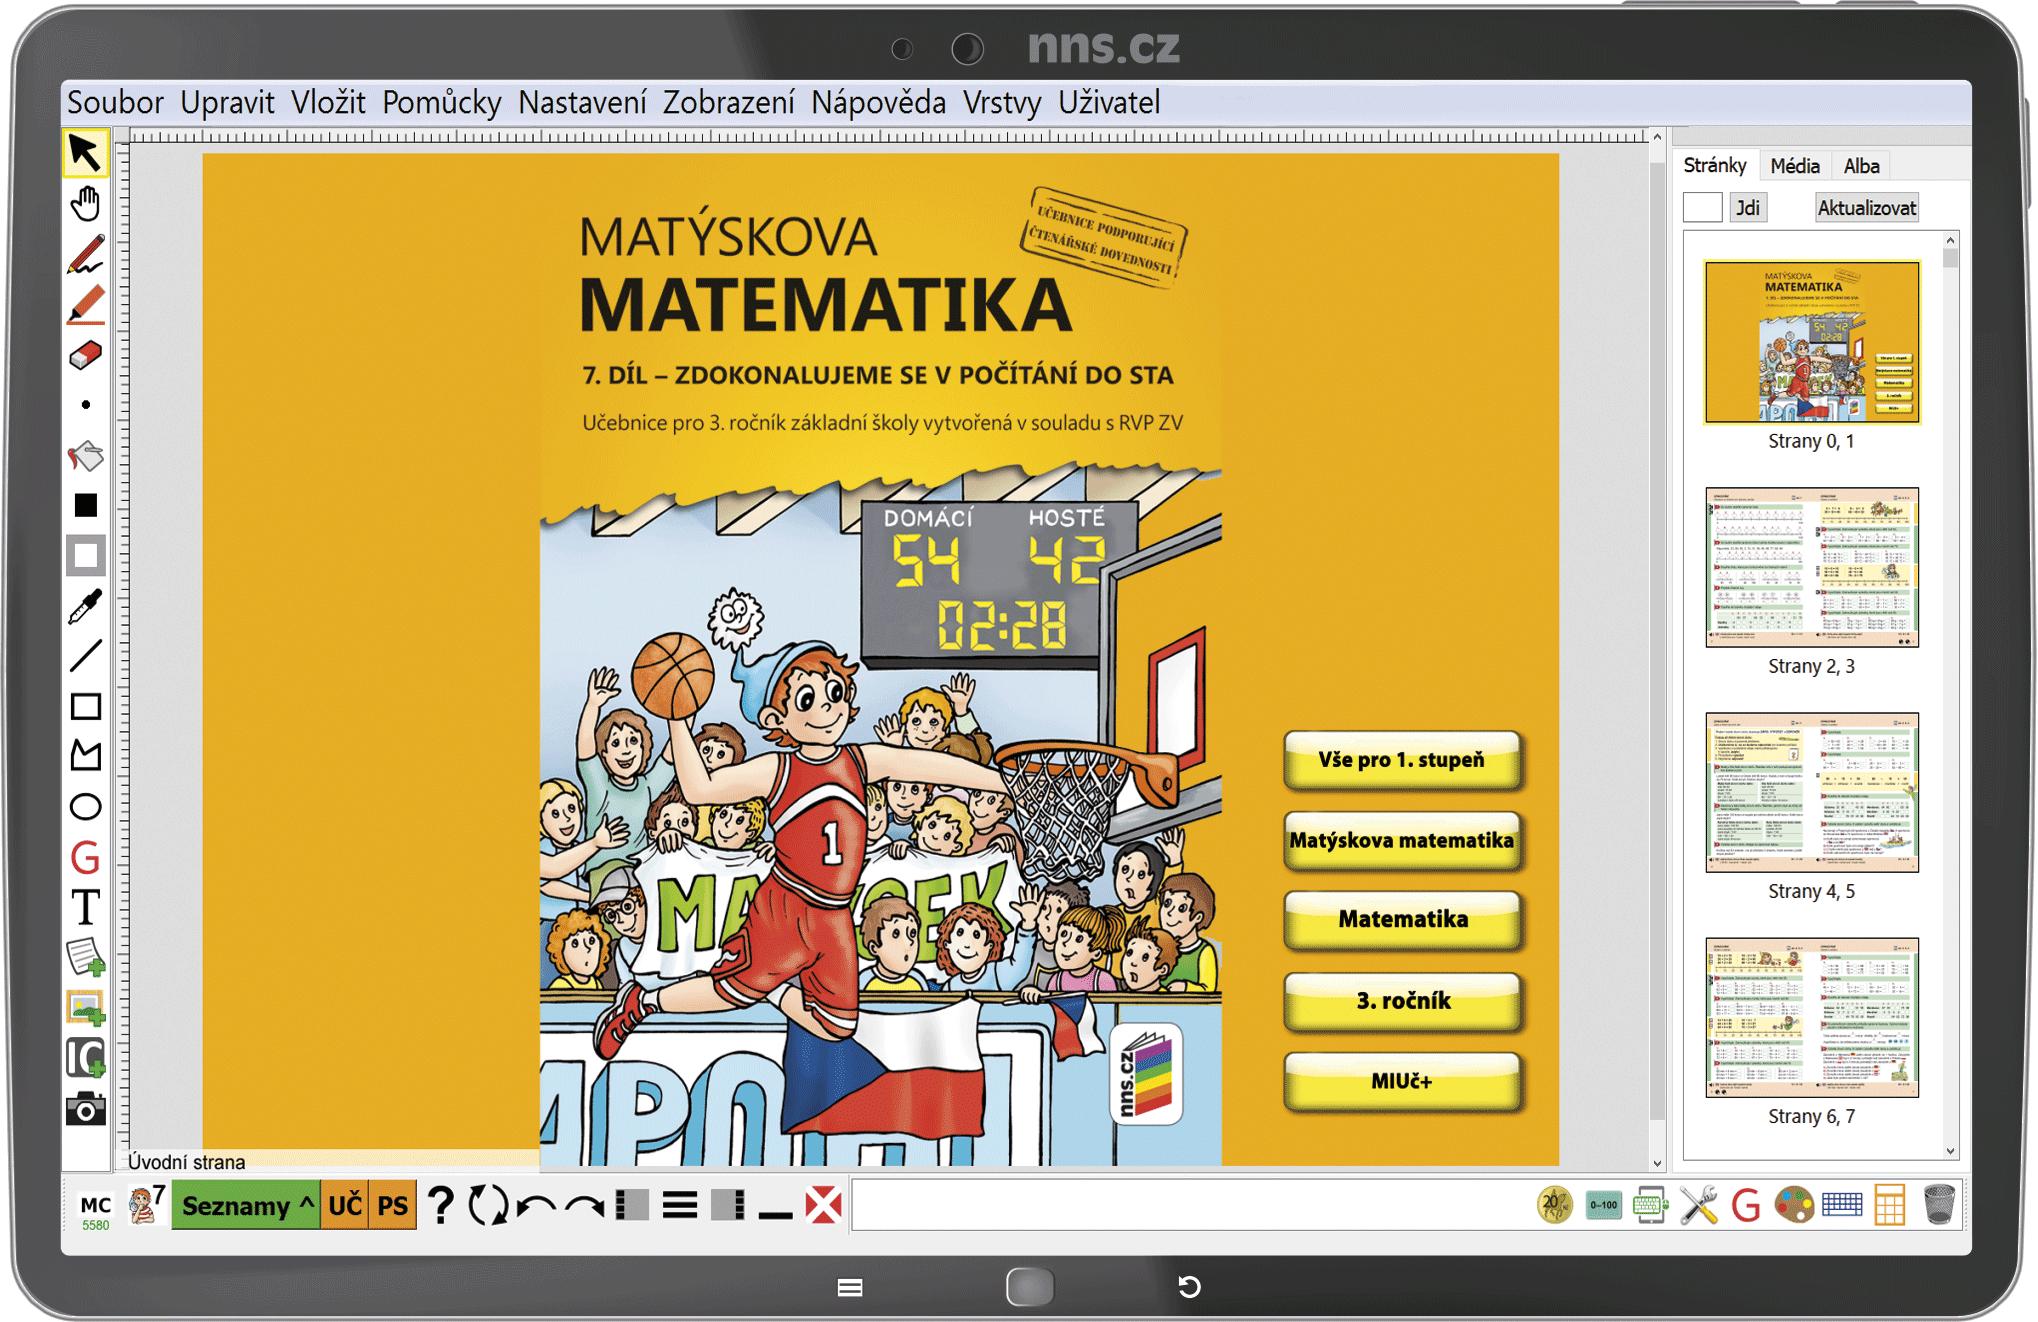 MIUč+ Matýskova matematika 3 (7. díl, 8. díl. a geometrie) šk. multilicence na 1 šk. rok